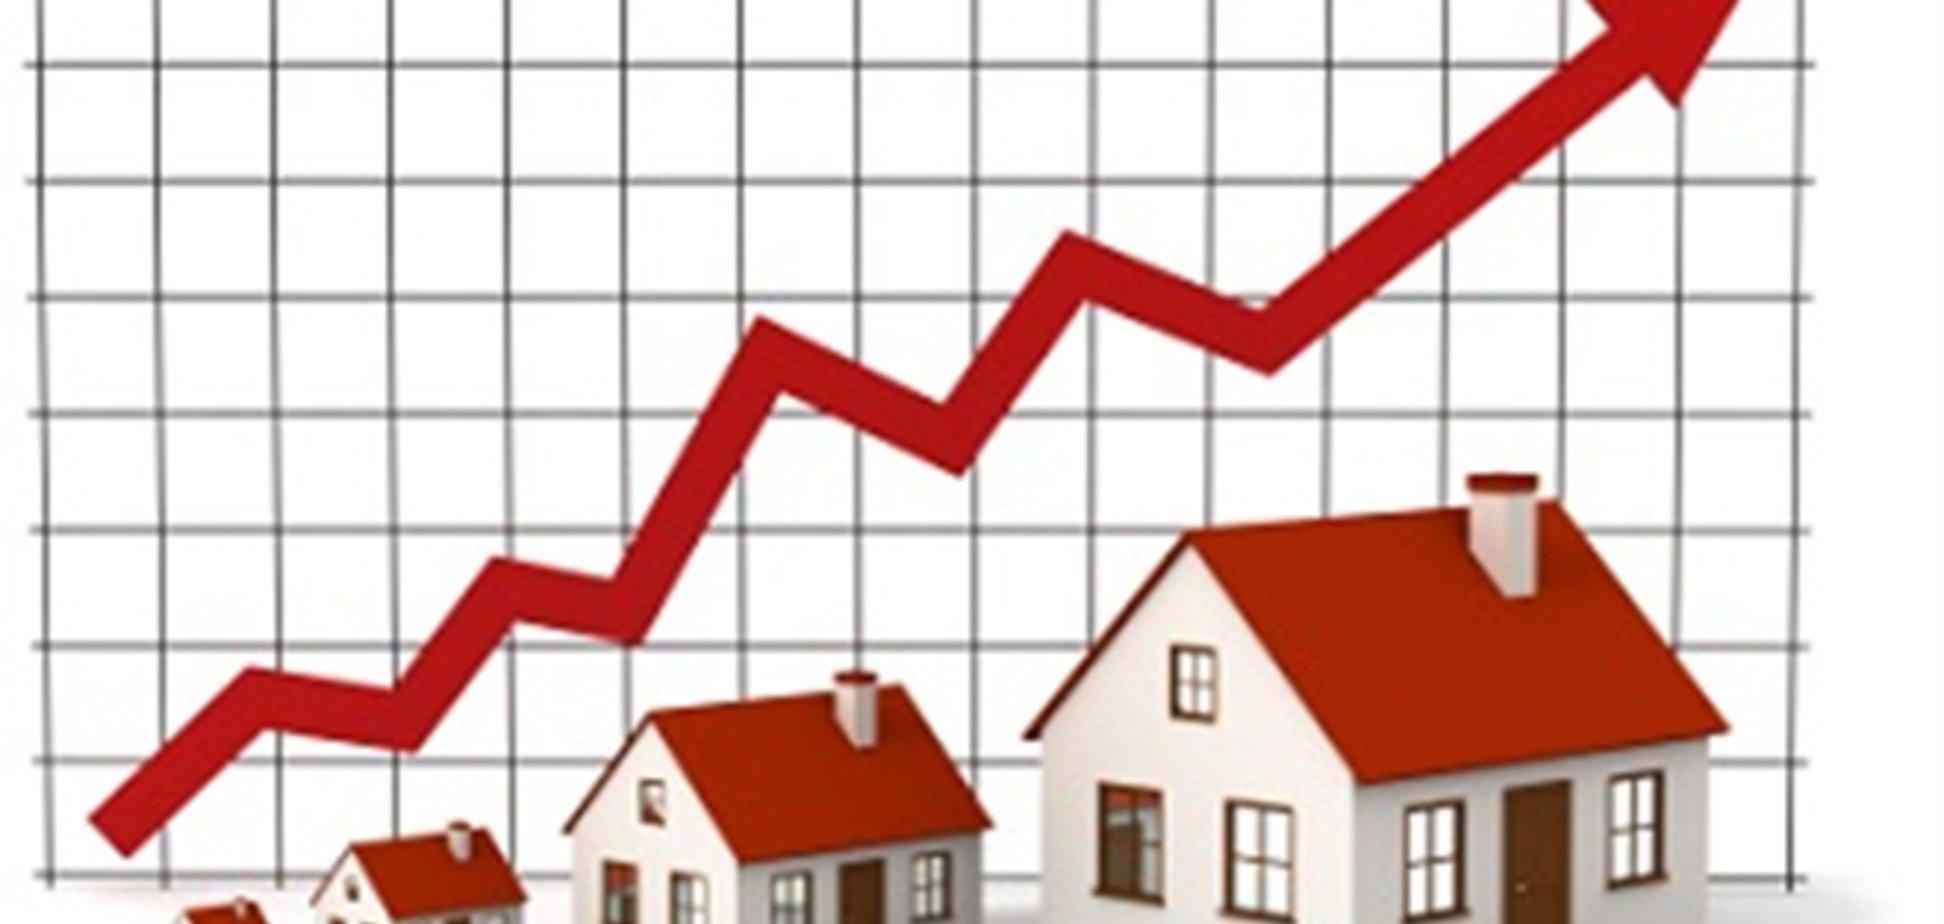 Спрос на жилье этим летом уже вырос на 30 %